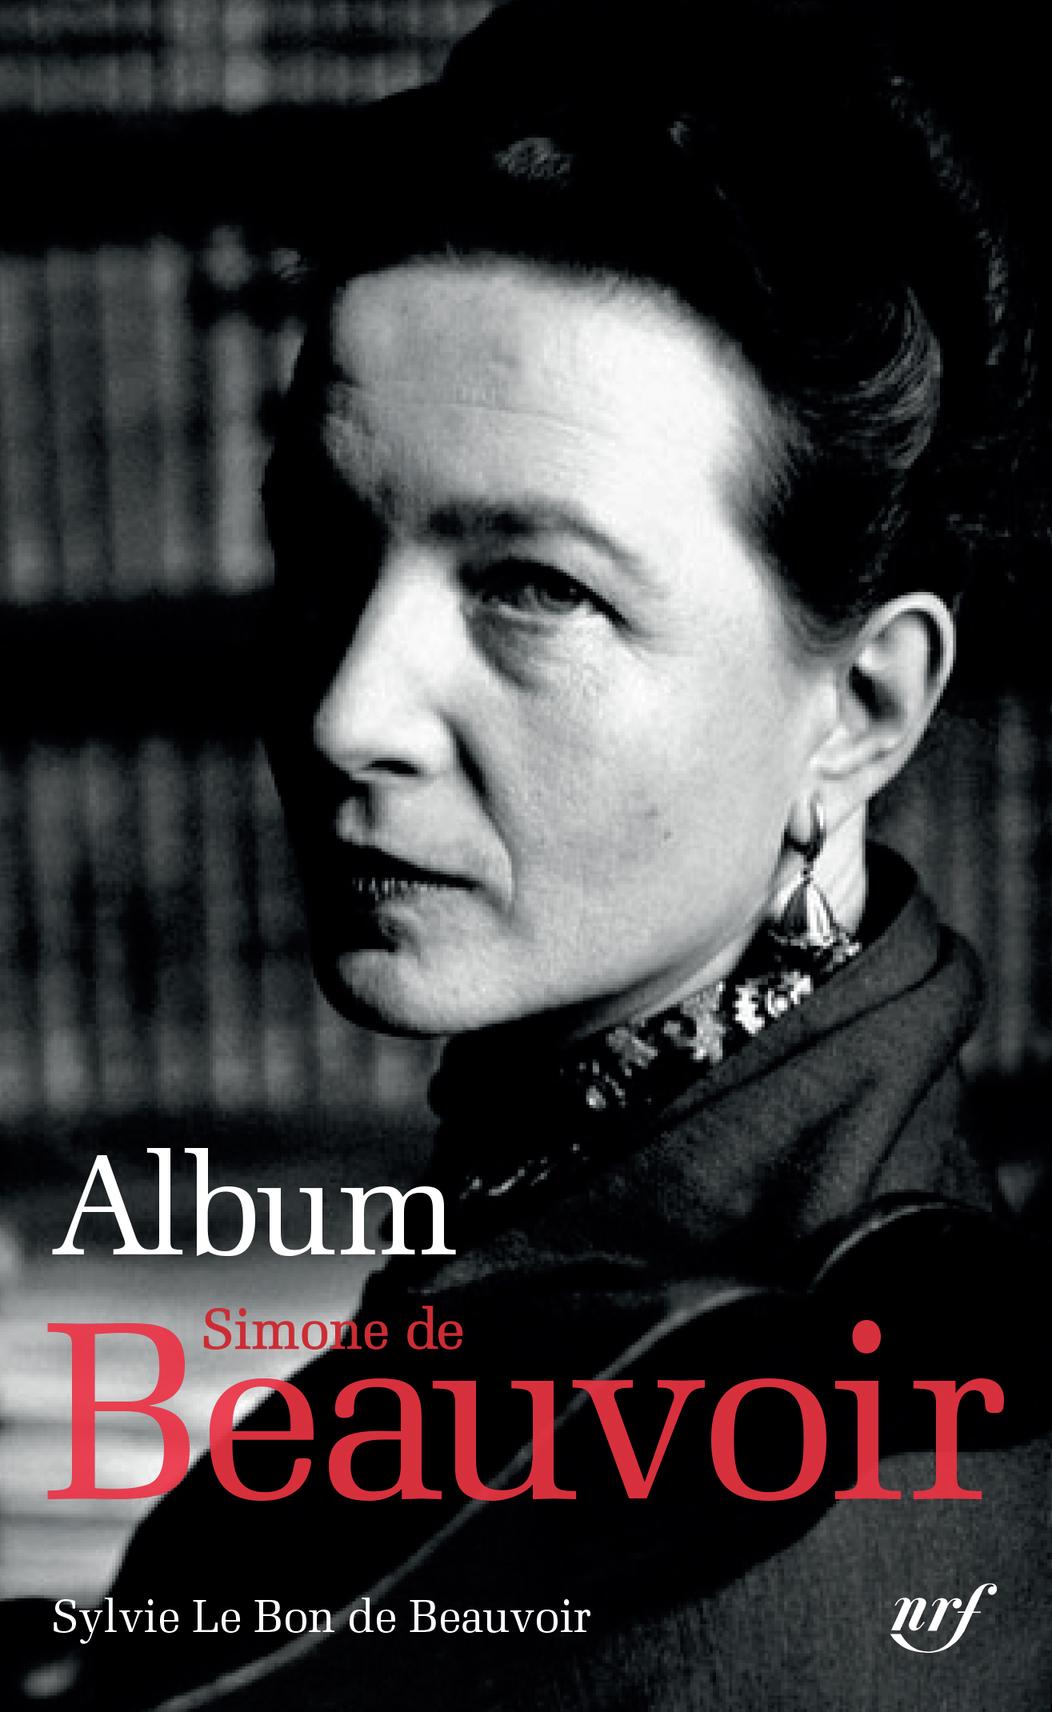 S. Le Bon de Beauvoir, Album Simone de Beauvoir (Biblioth. de la Pléiade)